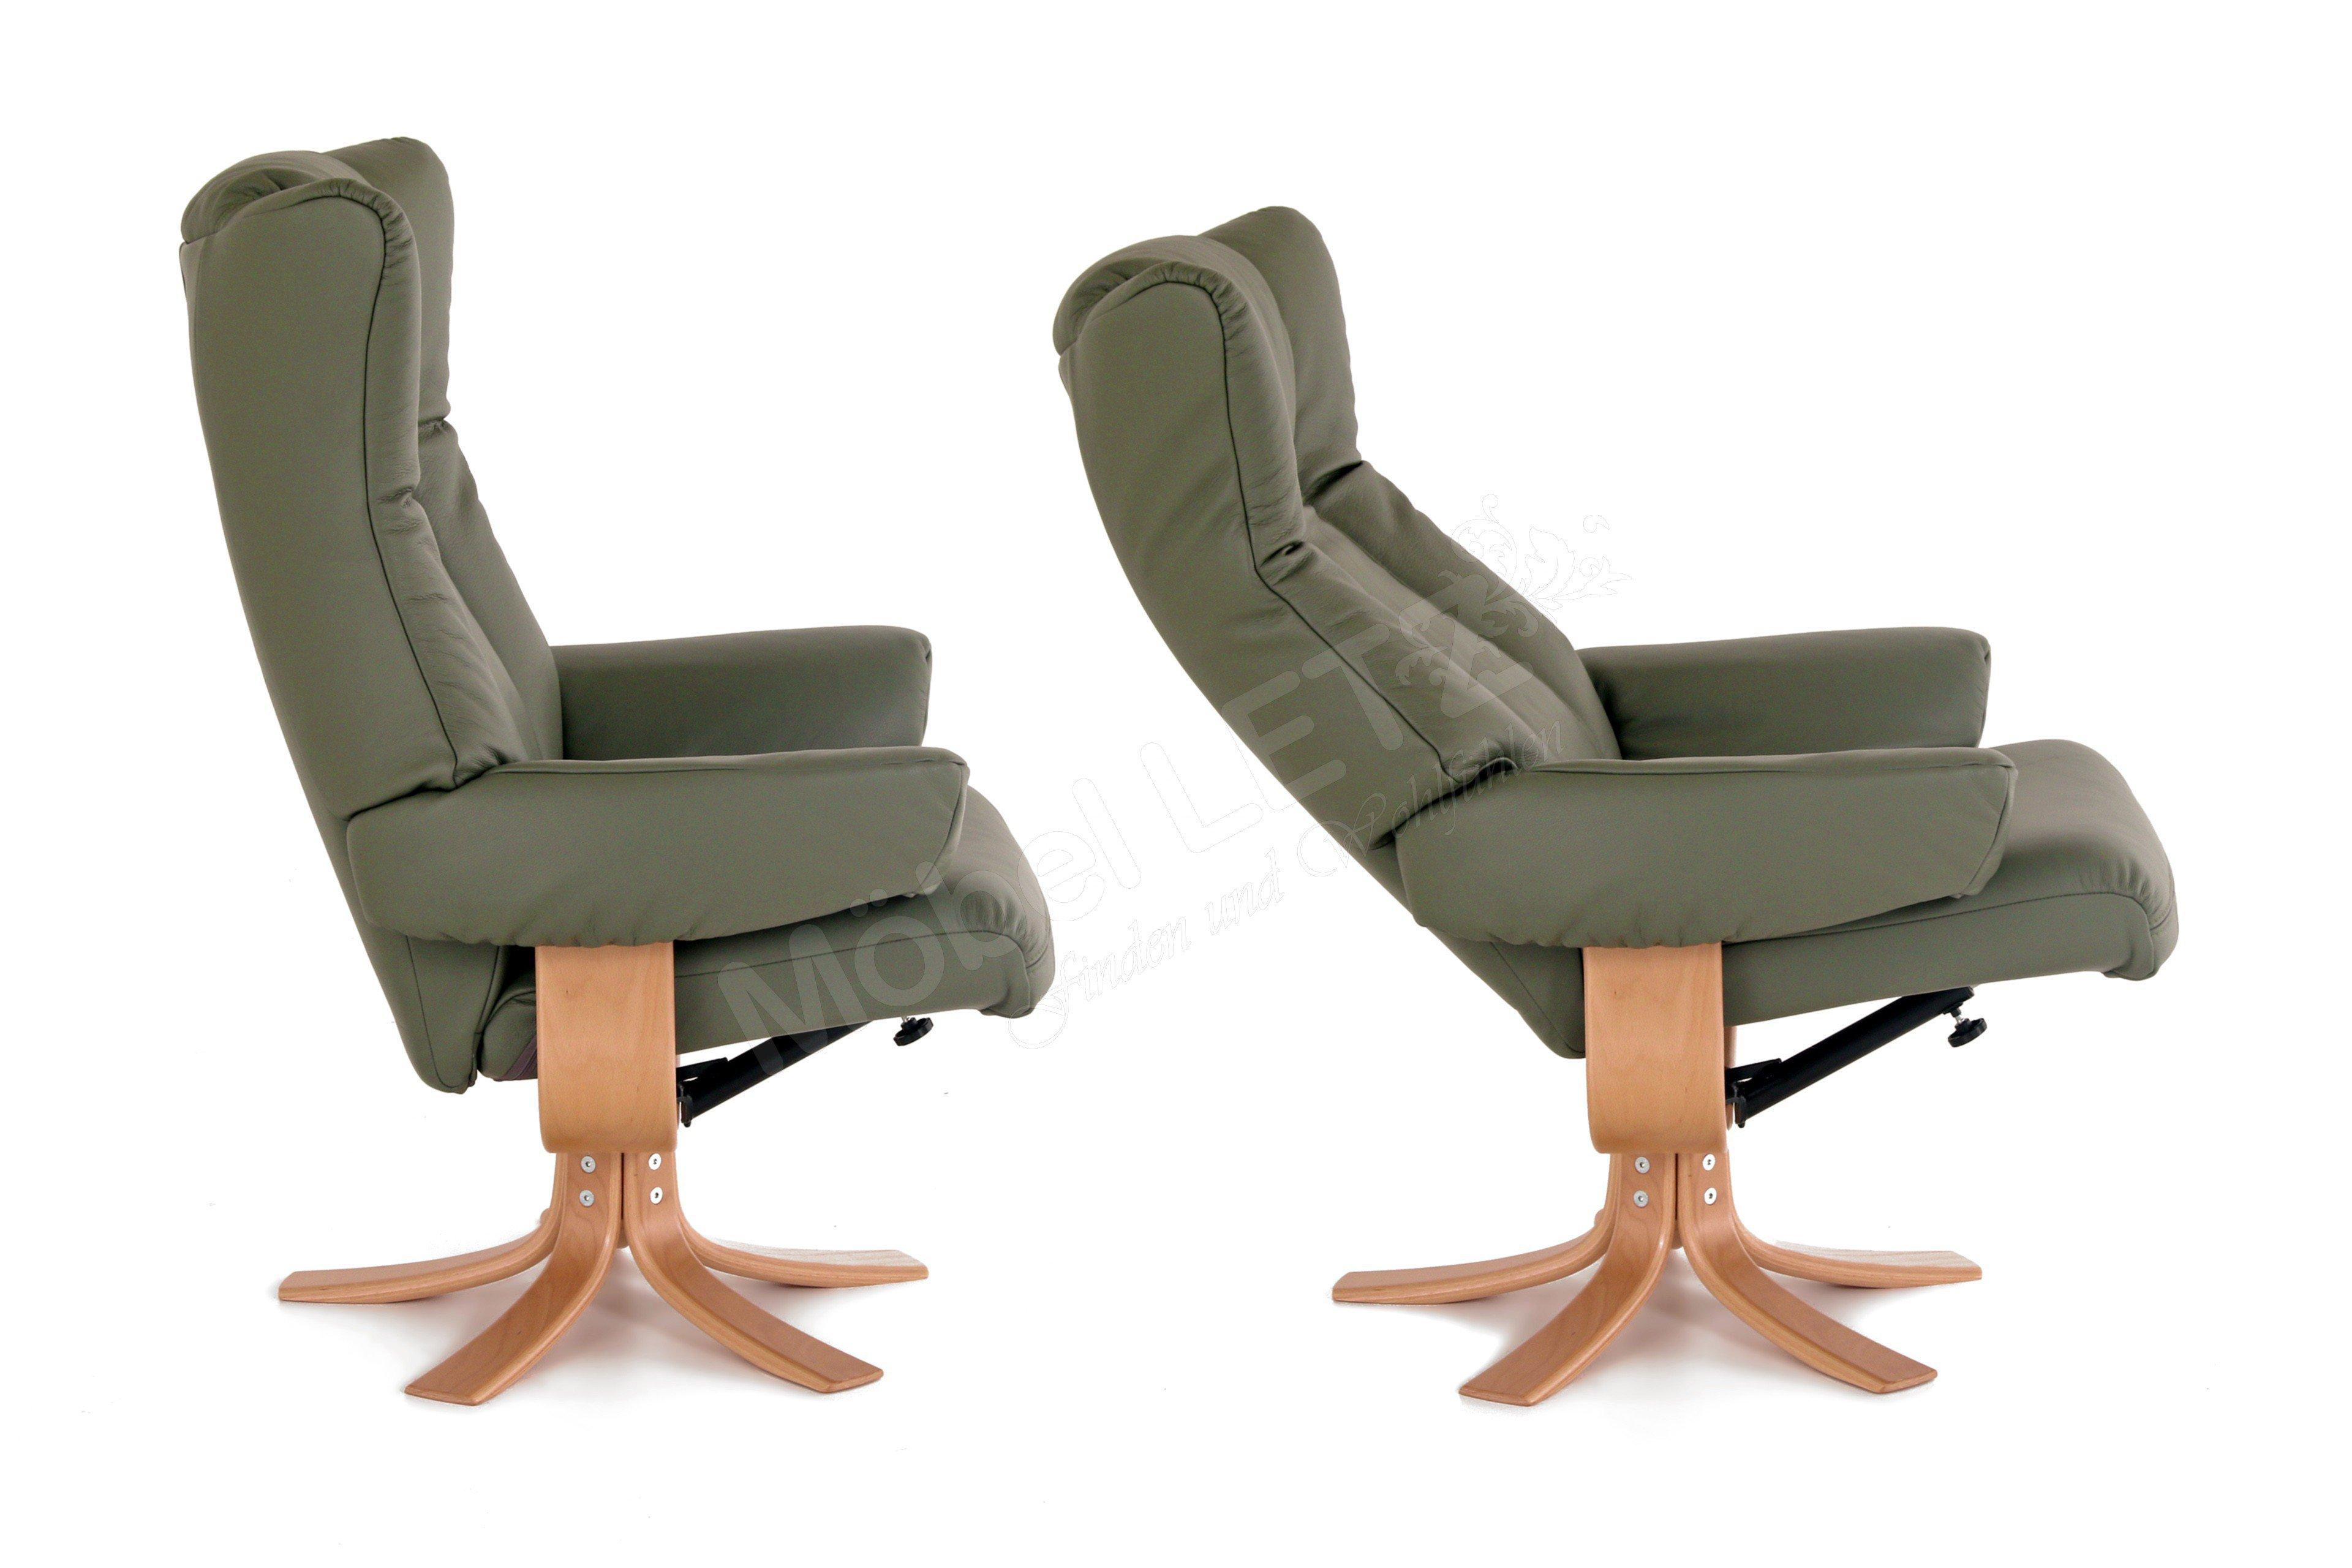 pm oelsa fjord funktionssessel in gr n m bel letz ihr online shop. Black Bedroom Furniture Sets. Home Design Ideas